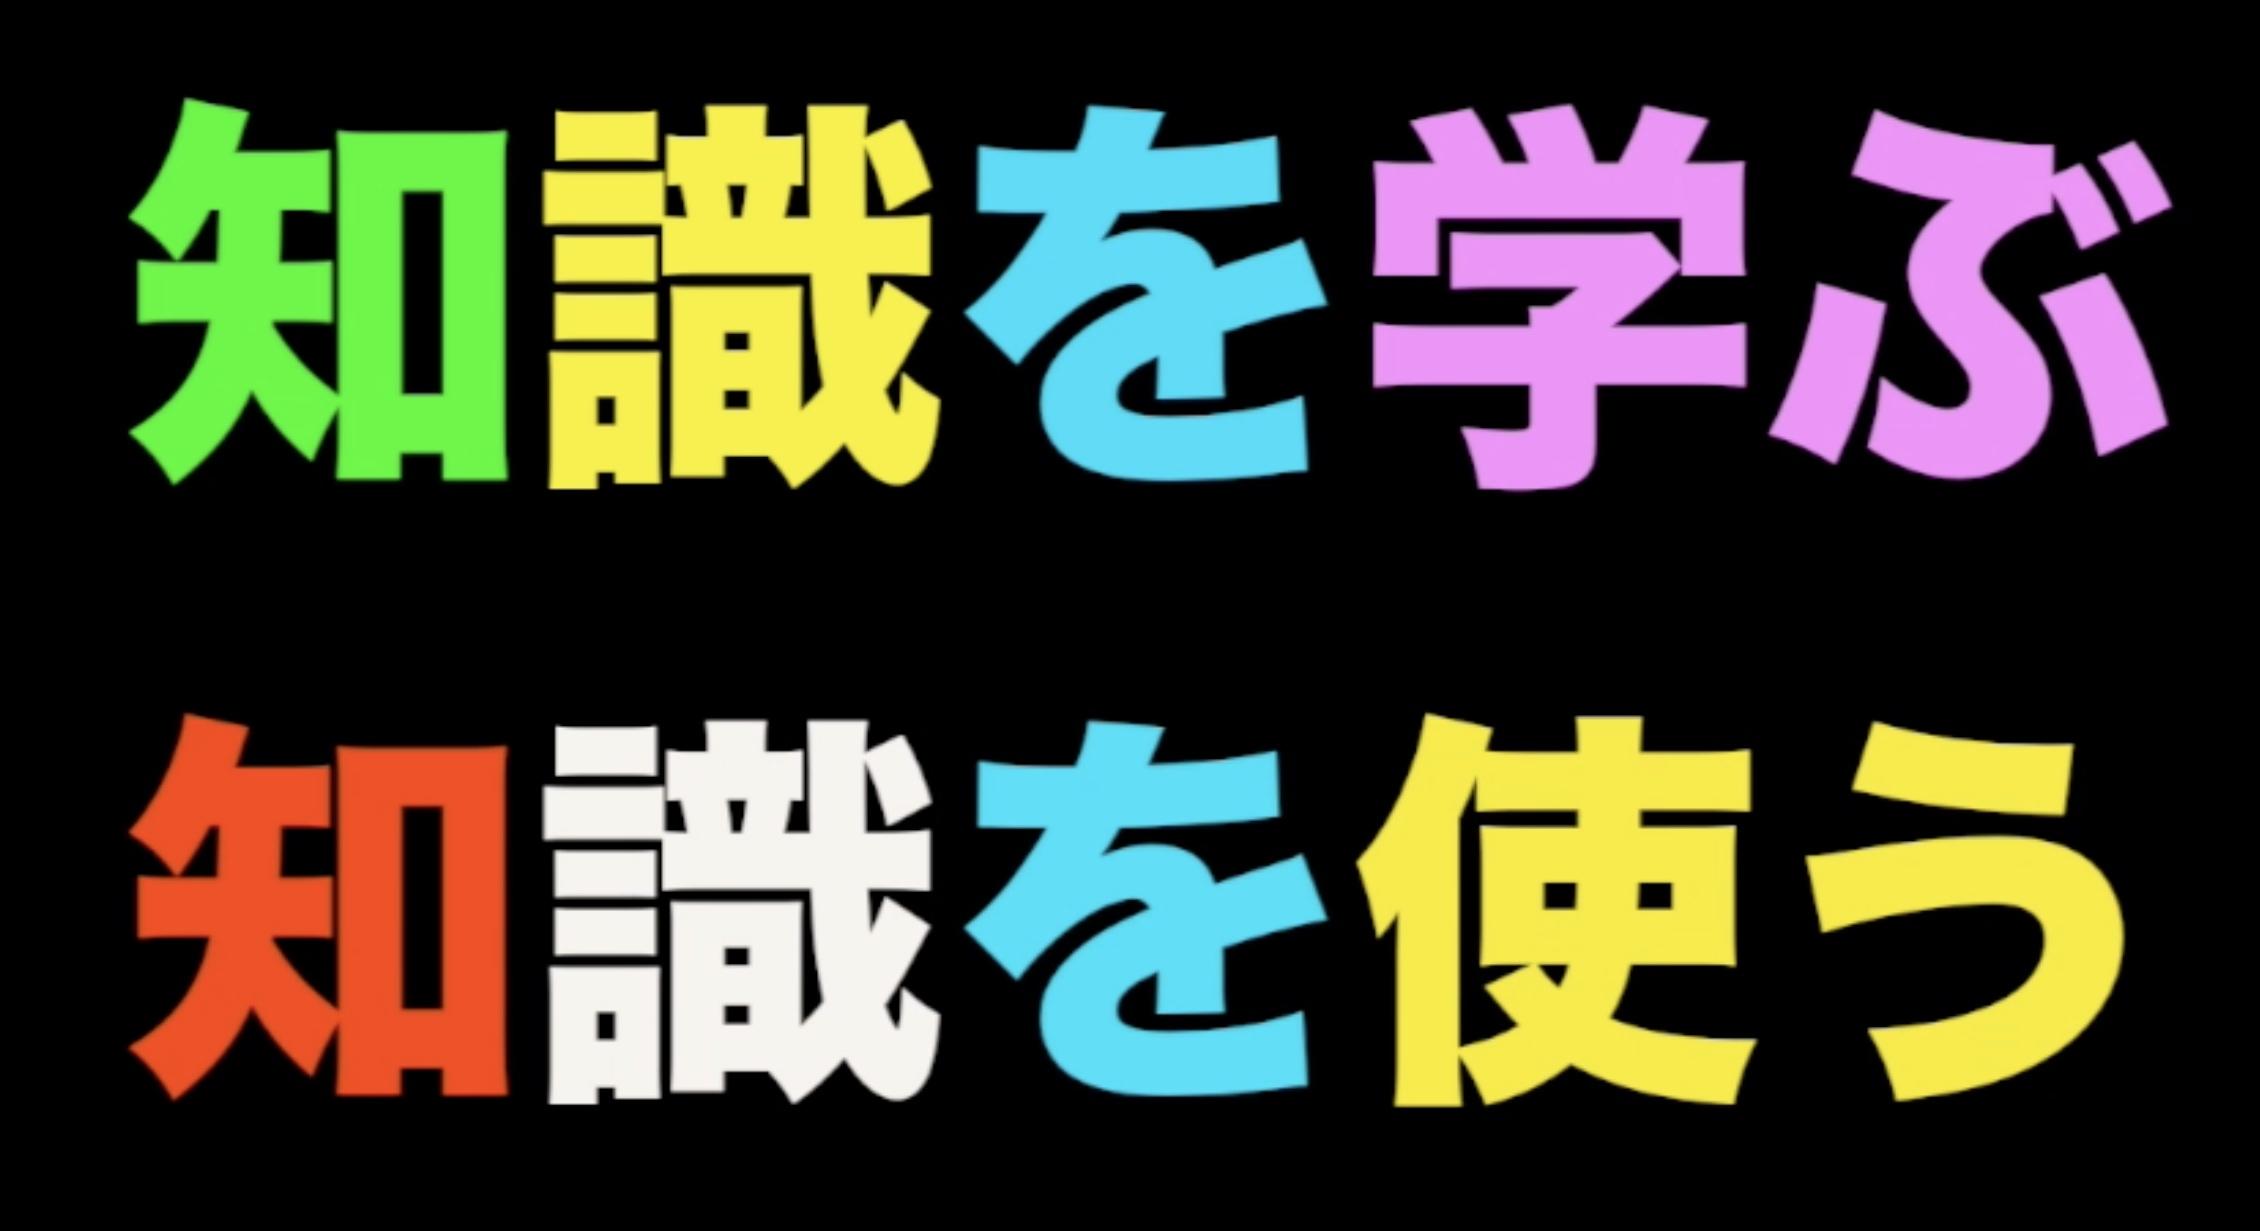 第2789話・・・バレー塾 in橋本_c0000970_13064400.jpg